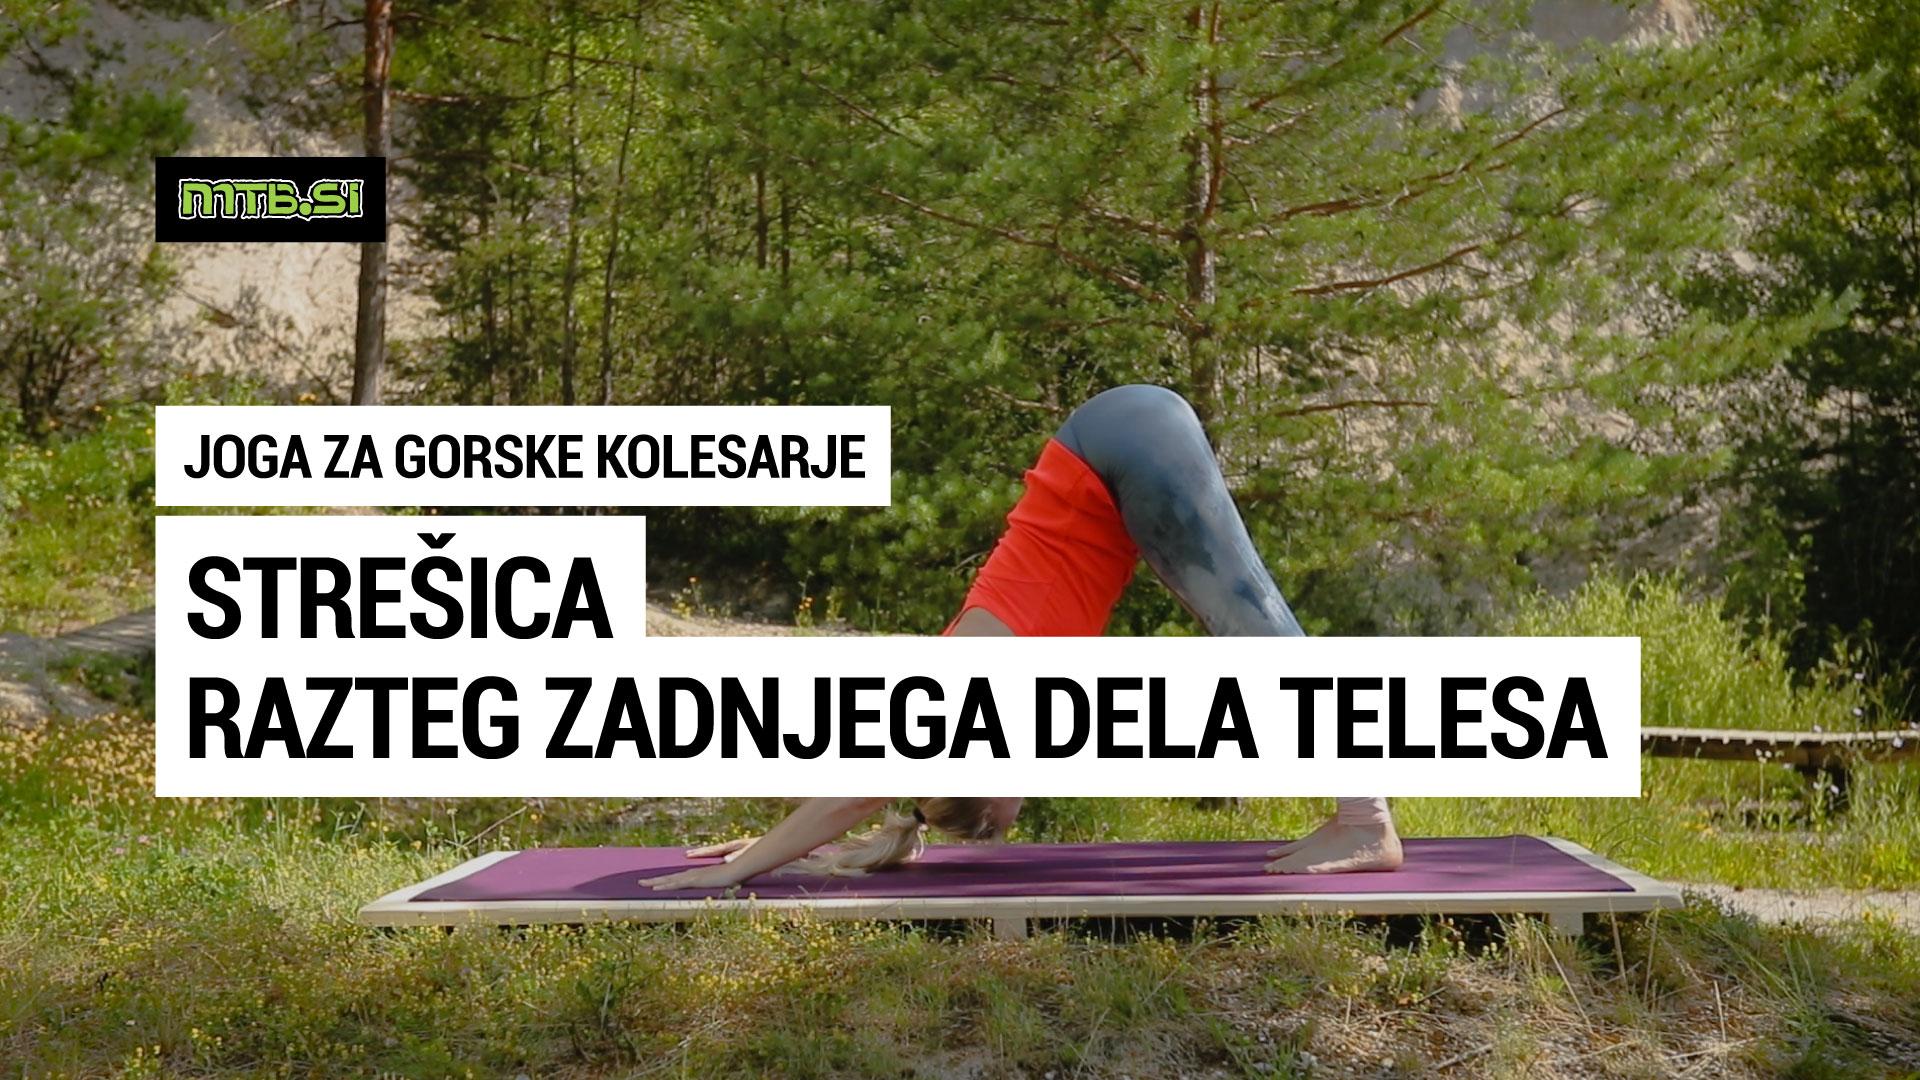 Jogijski položaj strešica - razteg zadnjega dela telesa - joga za gorske kolesarje